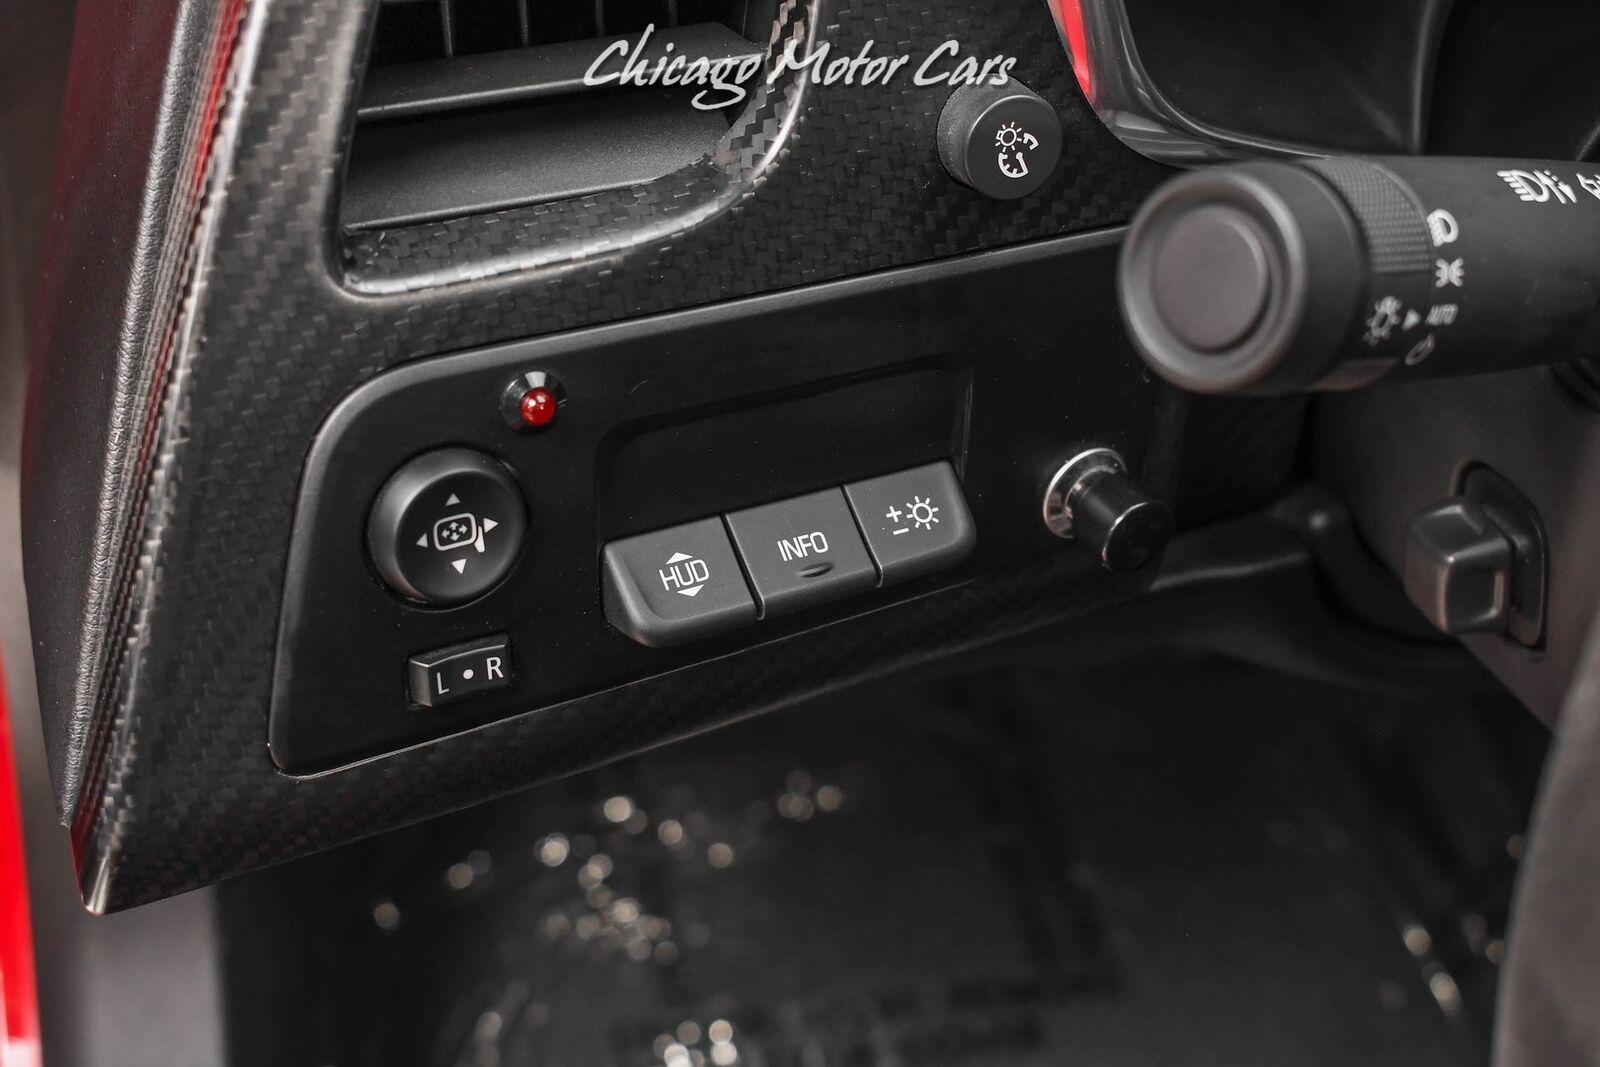 2014 Red Chevrolet Corvette Stingray 2LT | C7 Corvette Photo 9